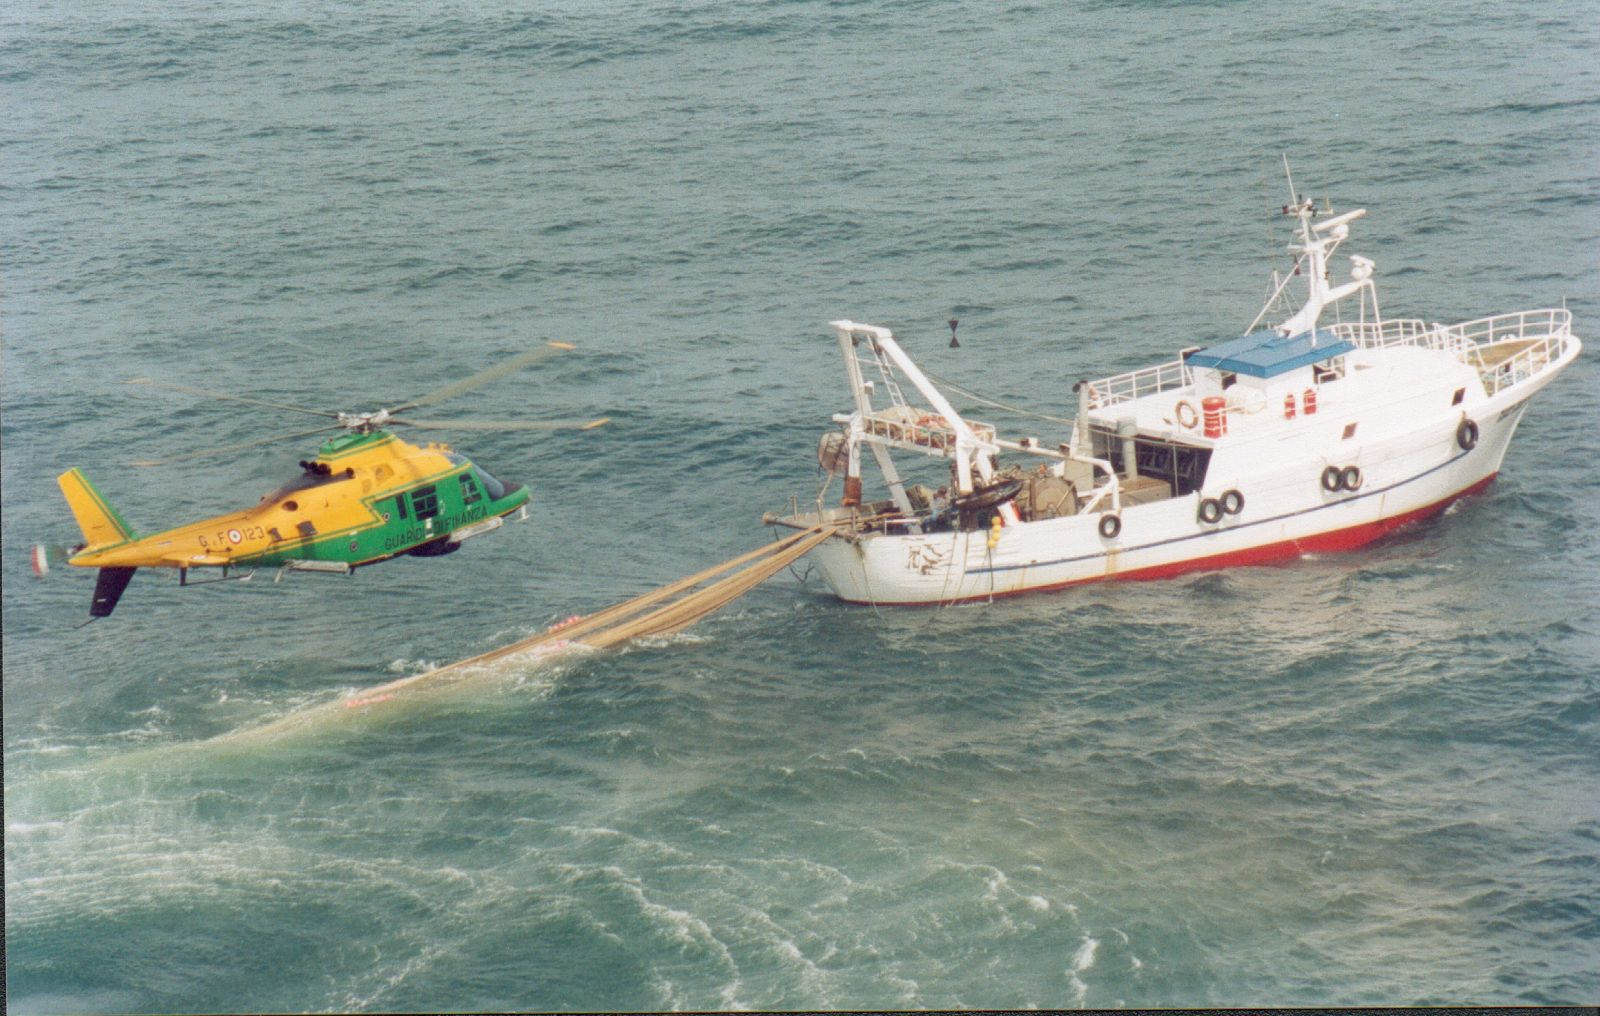 Abolire il permesso di pesca in mare?